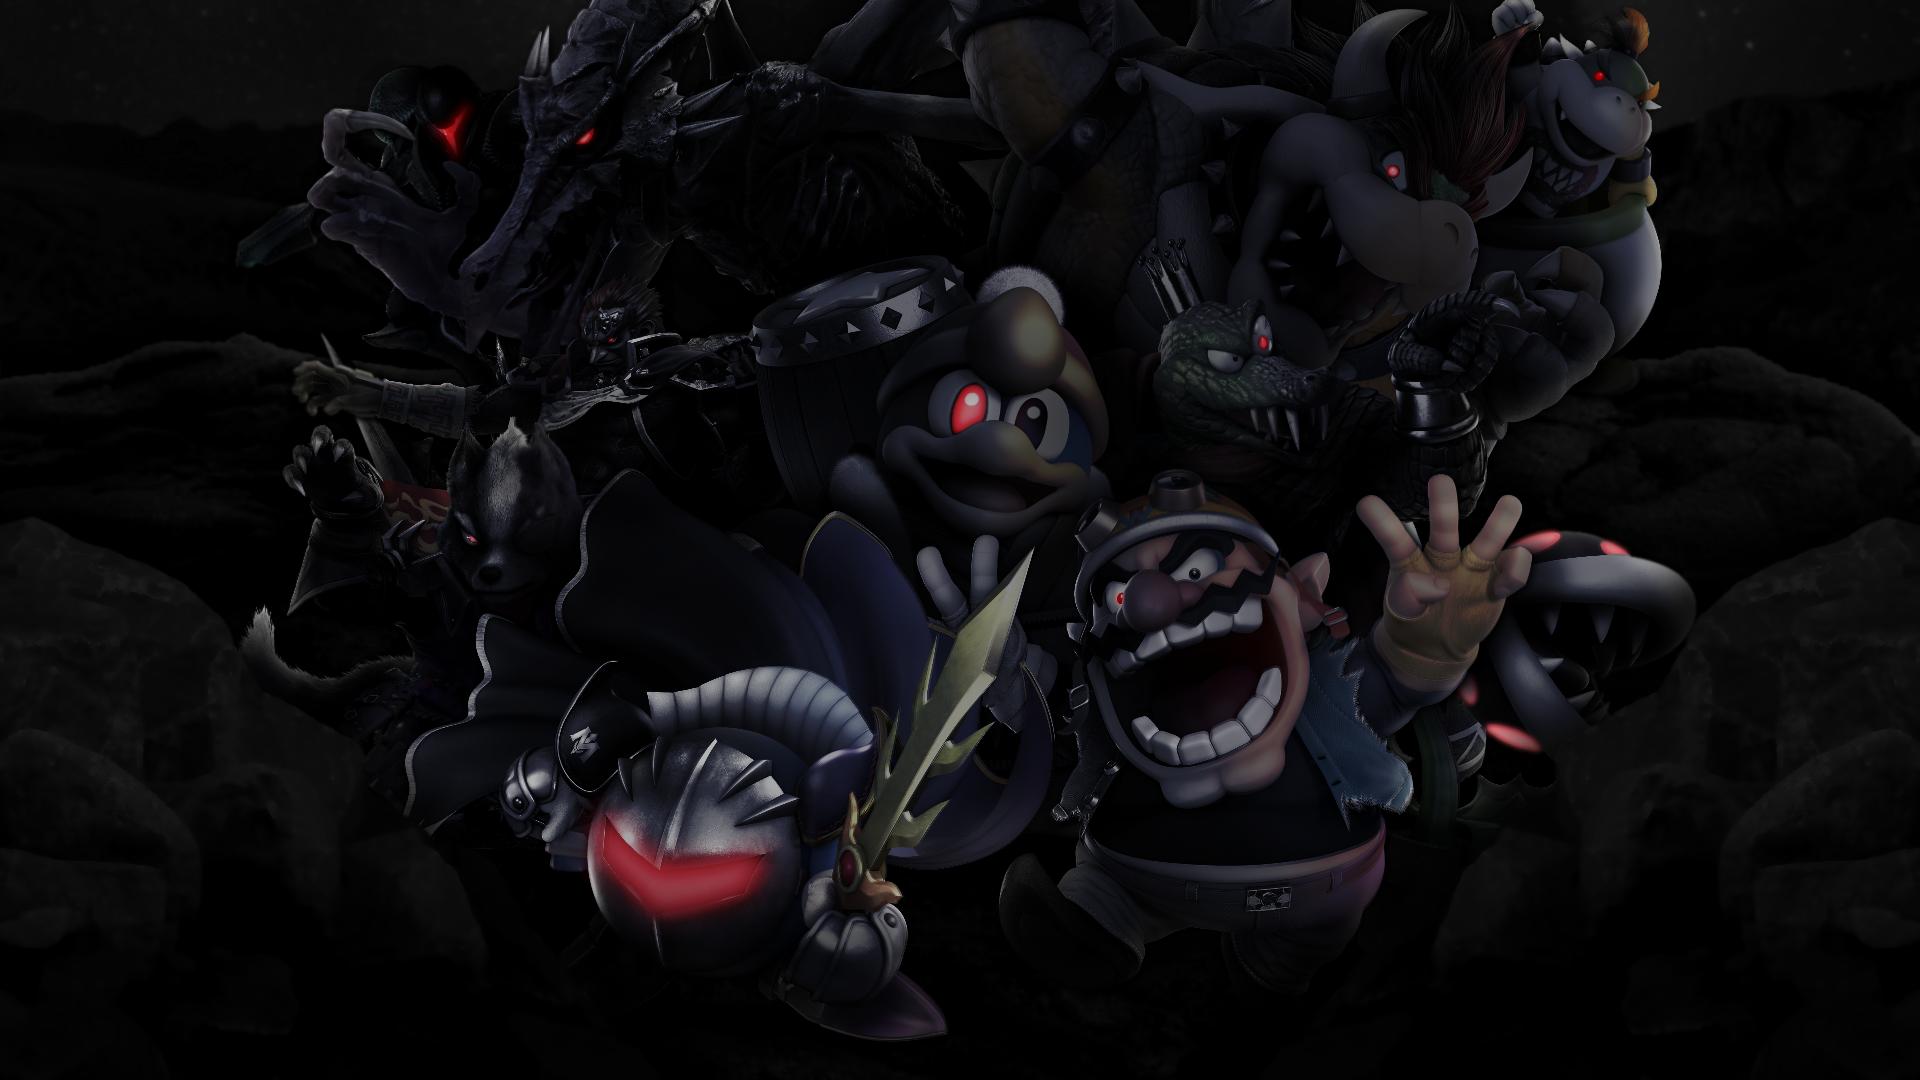 Wallpaper World Of Light Villains By Zacmariozero On Deviantart